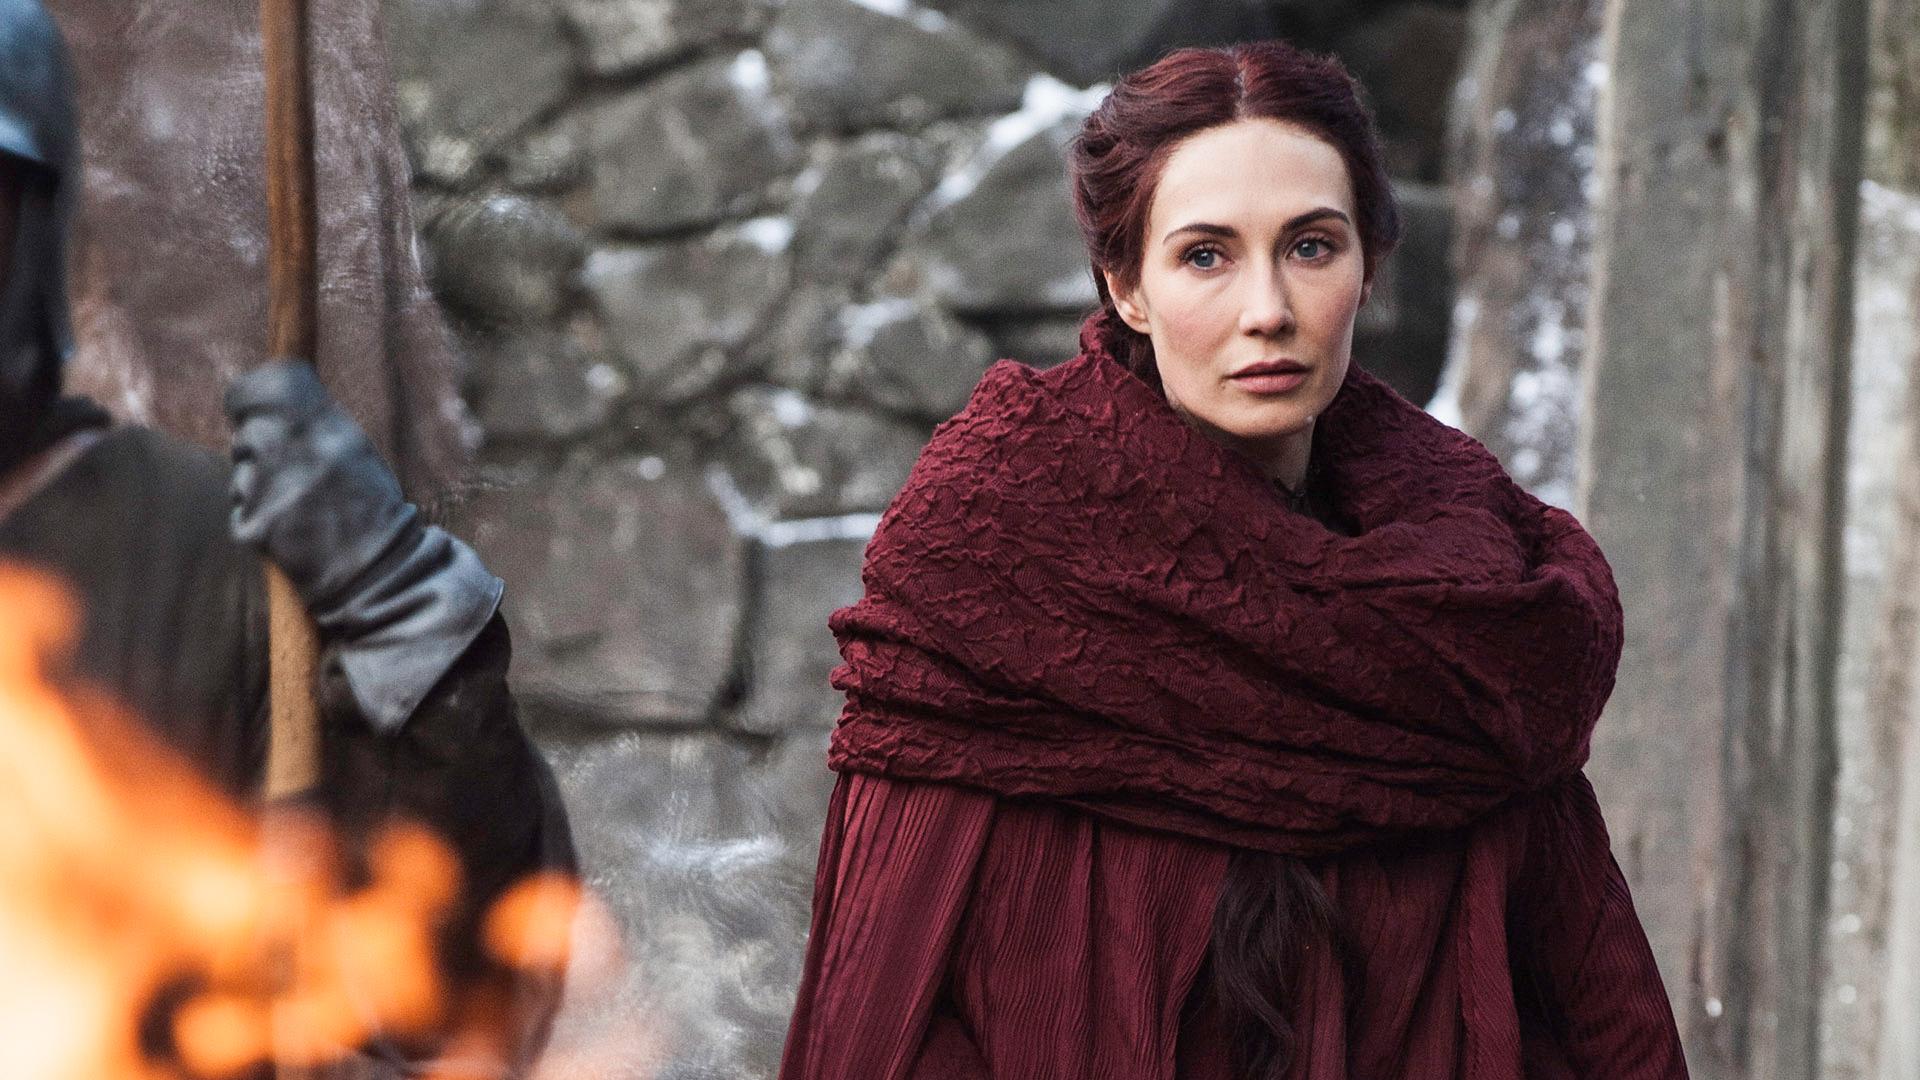 Melisandre-Season-4-melisandre-37212232-